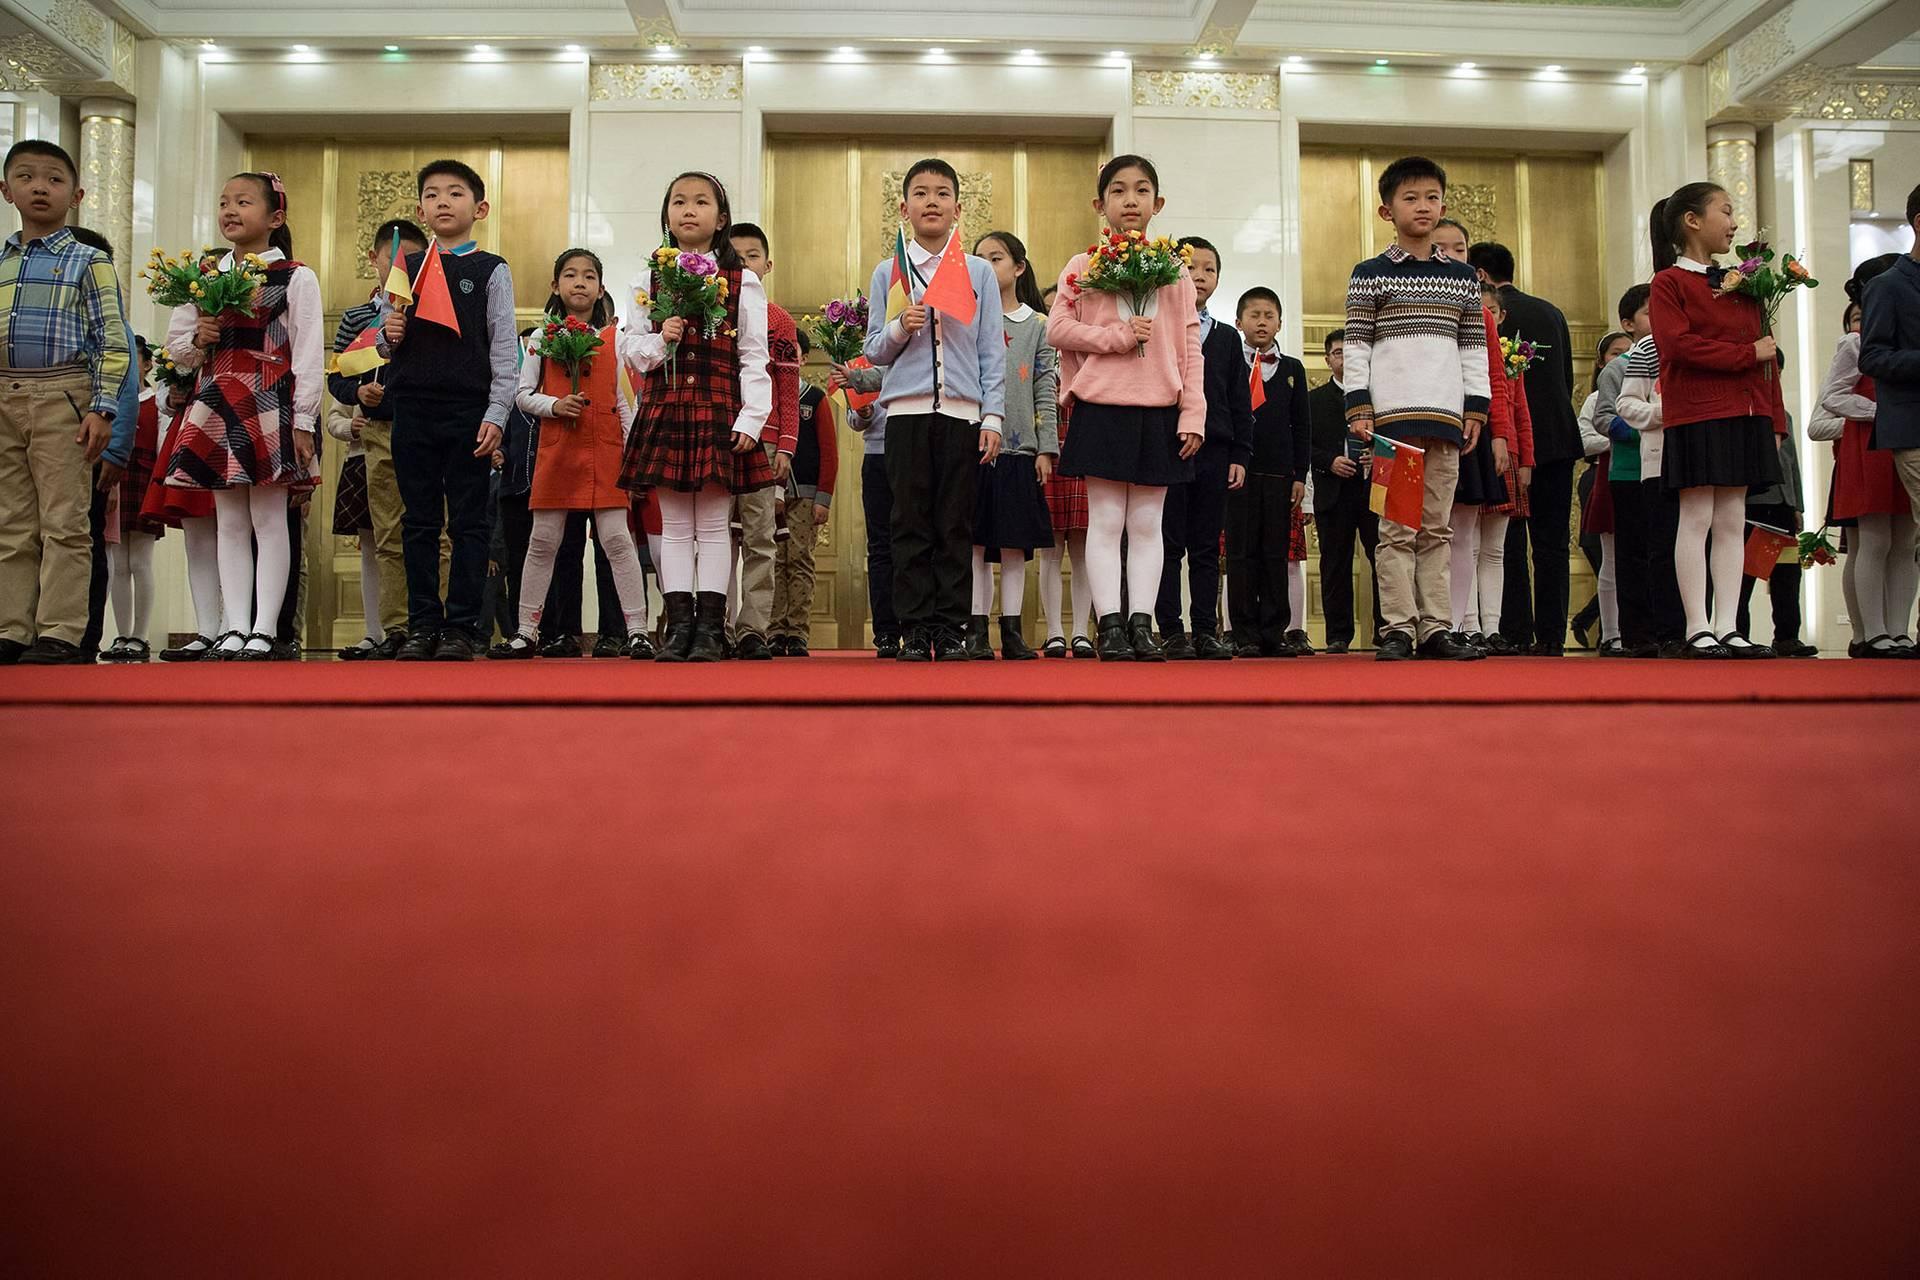 Десятиліттями комуністичним режимом в Китаї пропагувався образ ідеальної родини, в якій лише одна дитина (на фото — китайські діти тримають національні прапори Китаю та Камеруну на церемонії зустрічі президента Камеруну у Дімі народних зборів в Пекіні, Китай, 22 березня 2018 року)